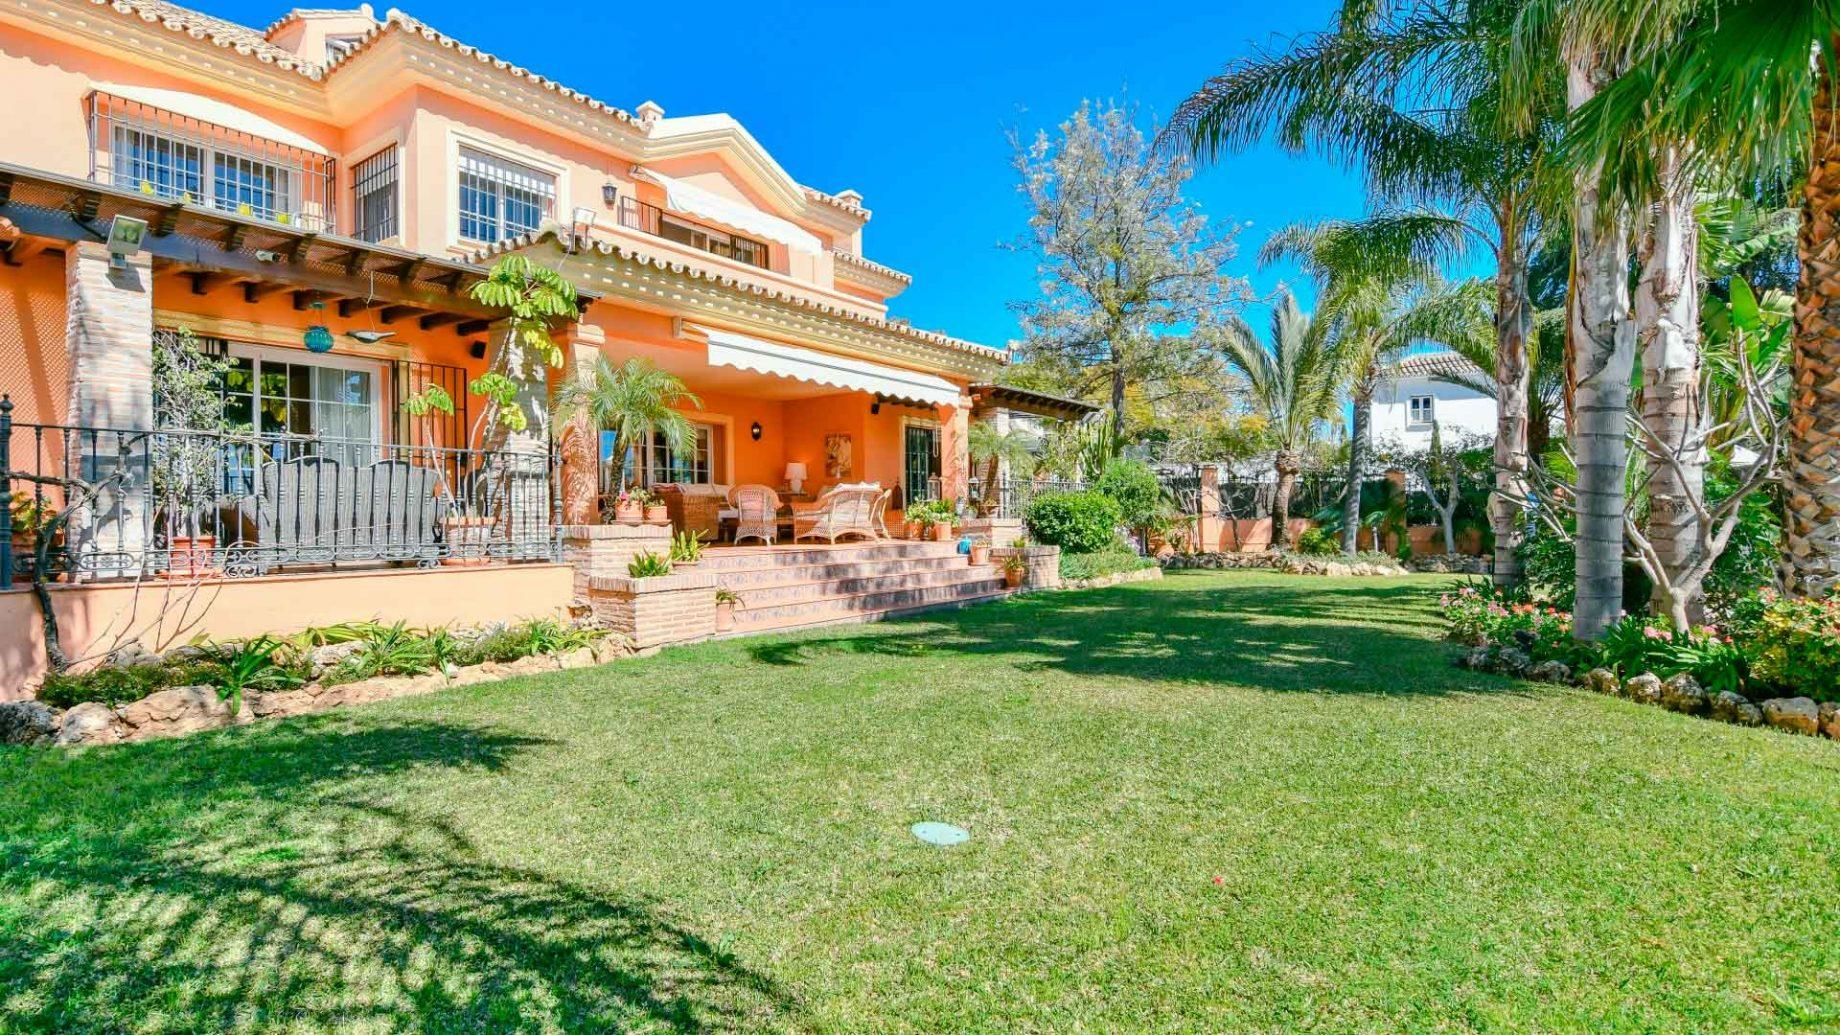 Villa in Huerta Belon, Marbella centre